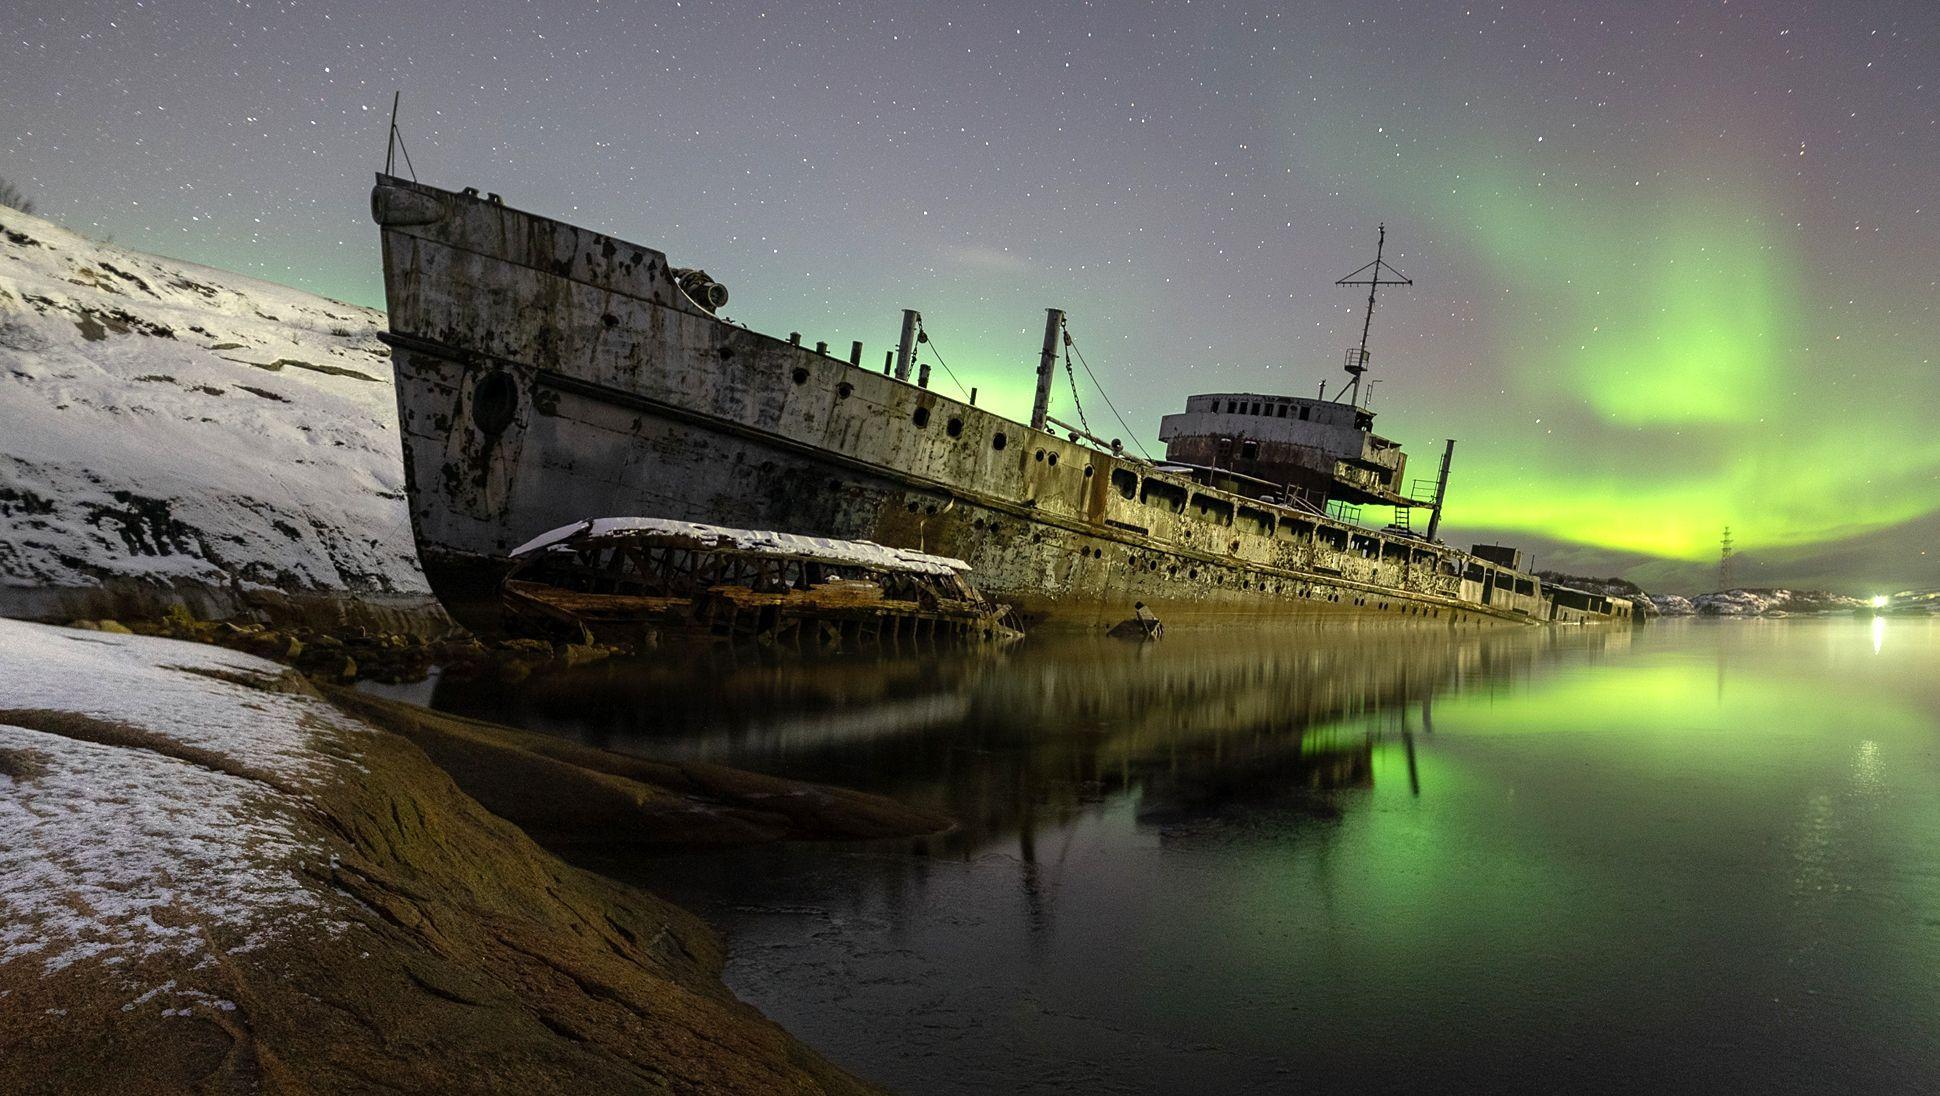 Día 7 – Excursión final en Múrmansk